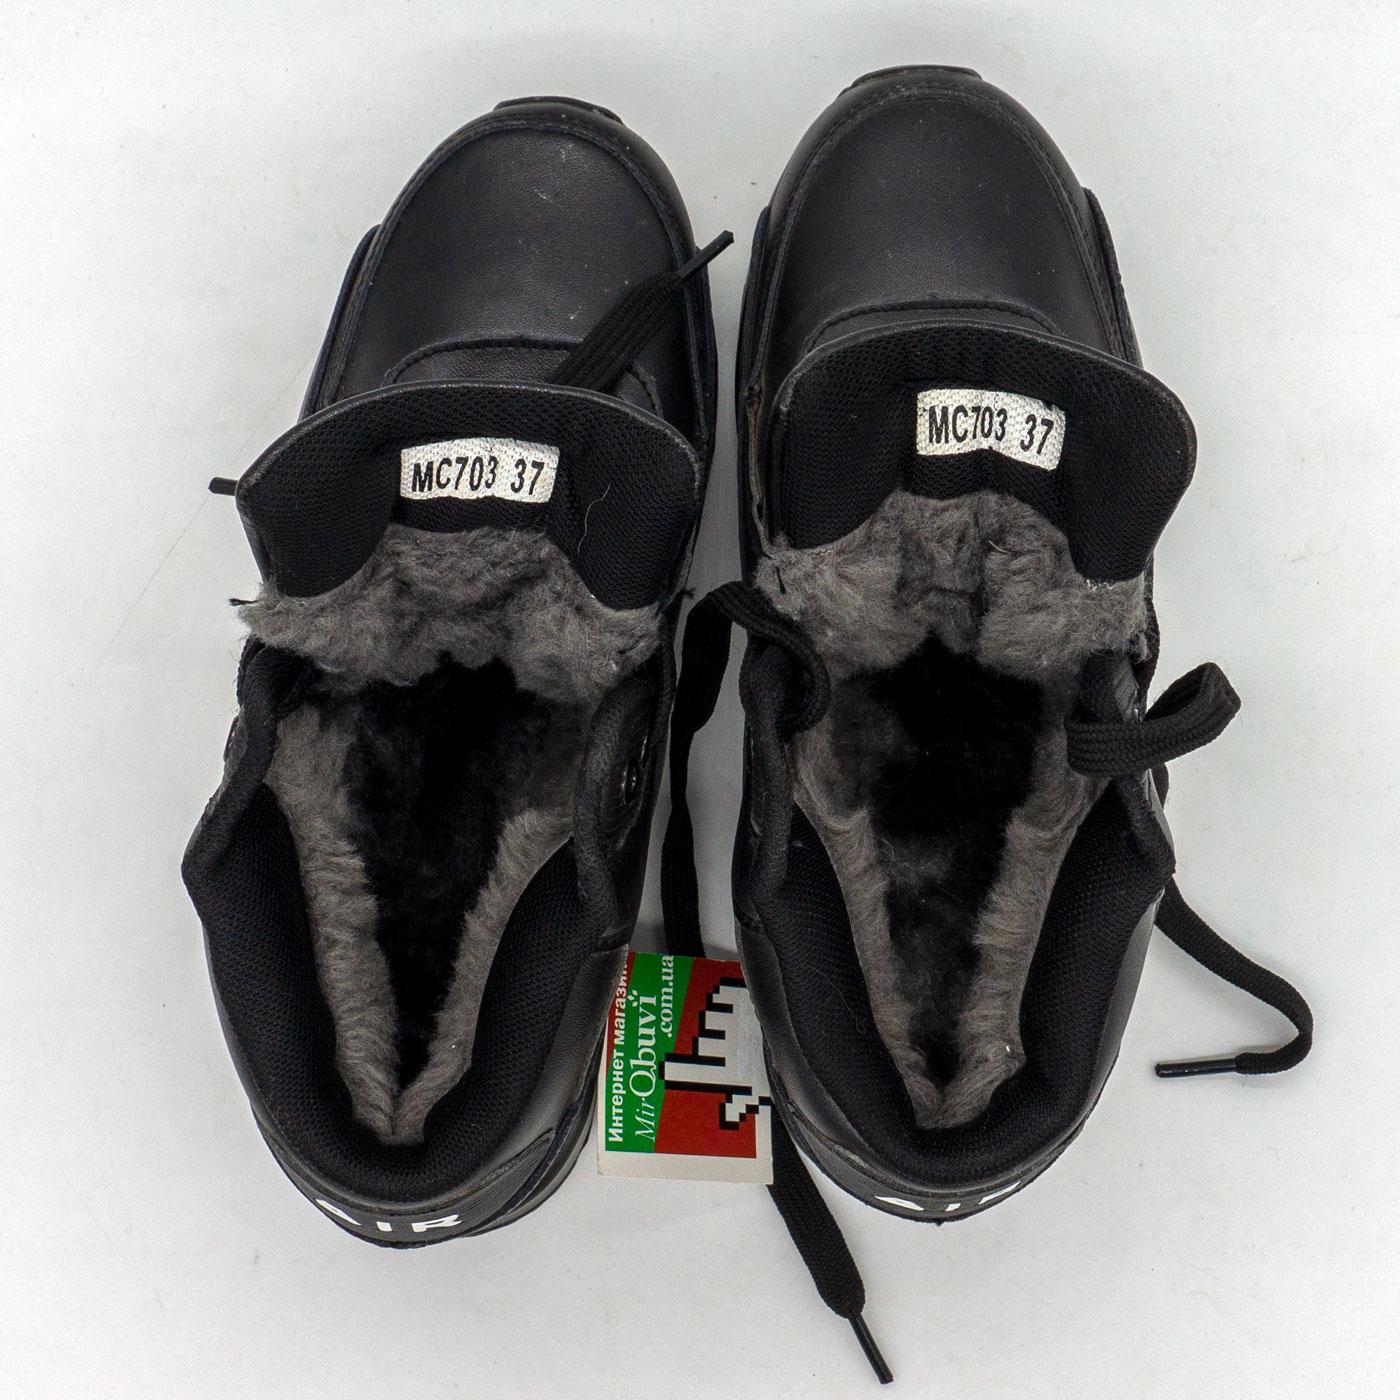 фото bottom Зимние кроссовки Nike Air Max 90 черные bottom